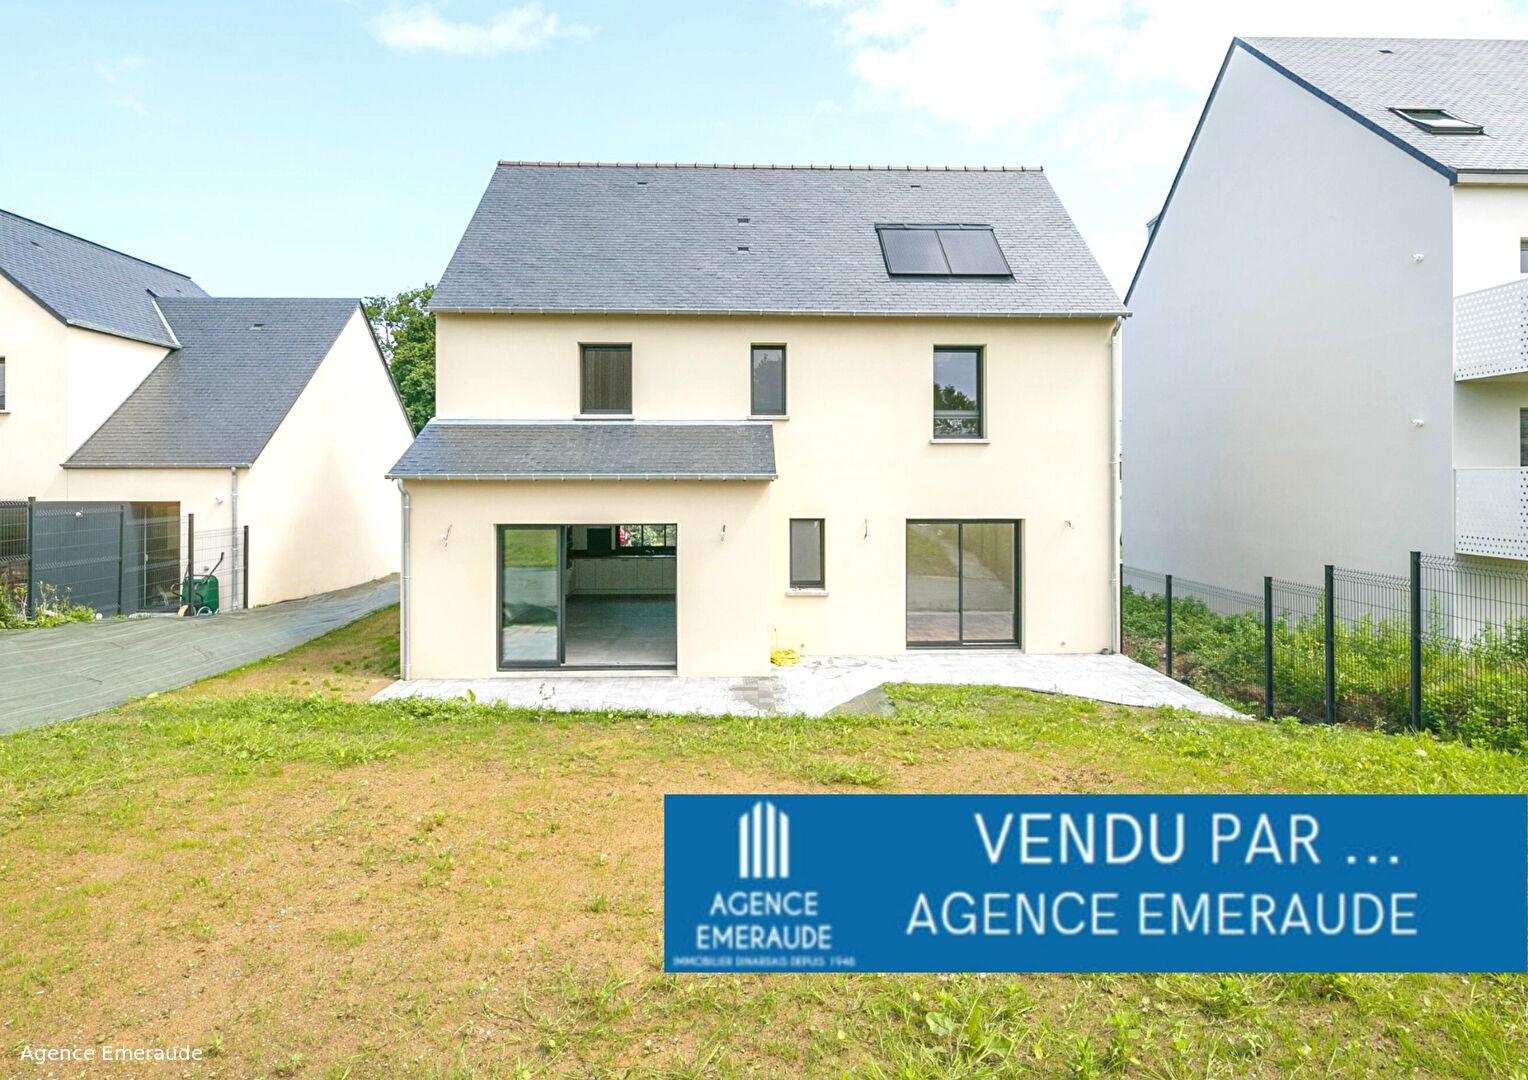 Maison neuve Dinard 6 pièce(s) 133.89 m² vie de plain pied terrain d'une surface de 488 m²